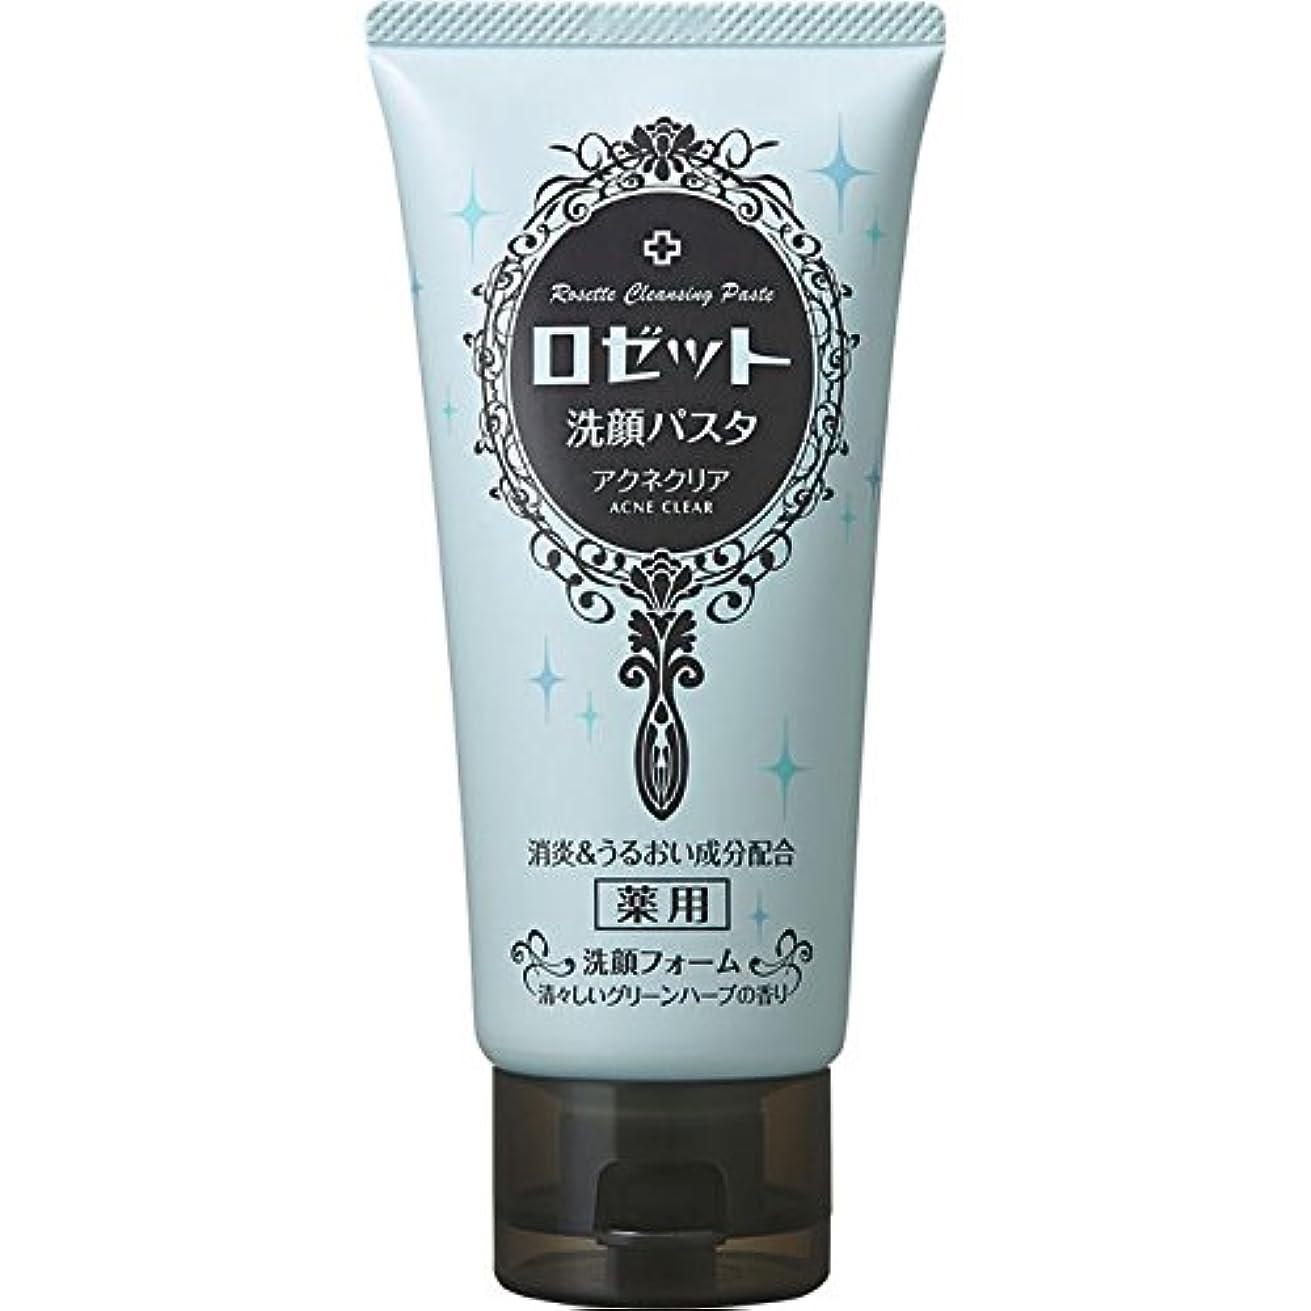 丁寧ステートメント探すロゼット ロゼット洗顔パスタ アクネクリア 120g (医薬部外品)